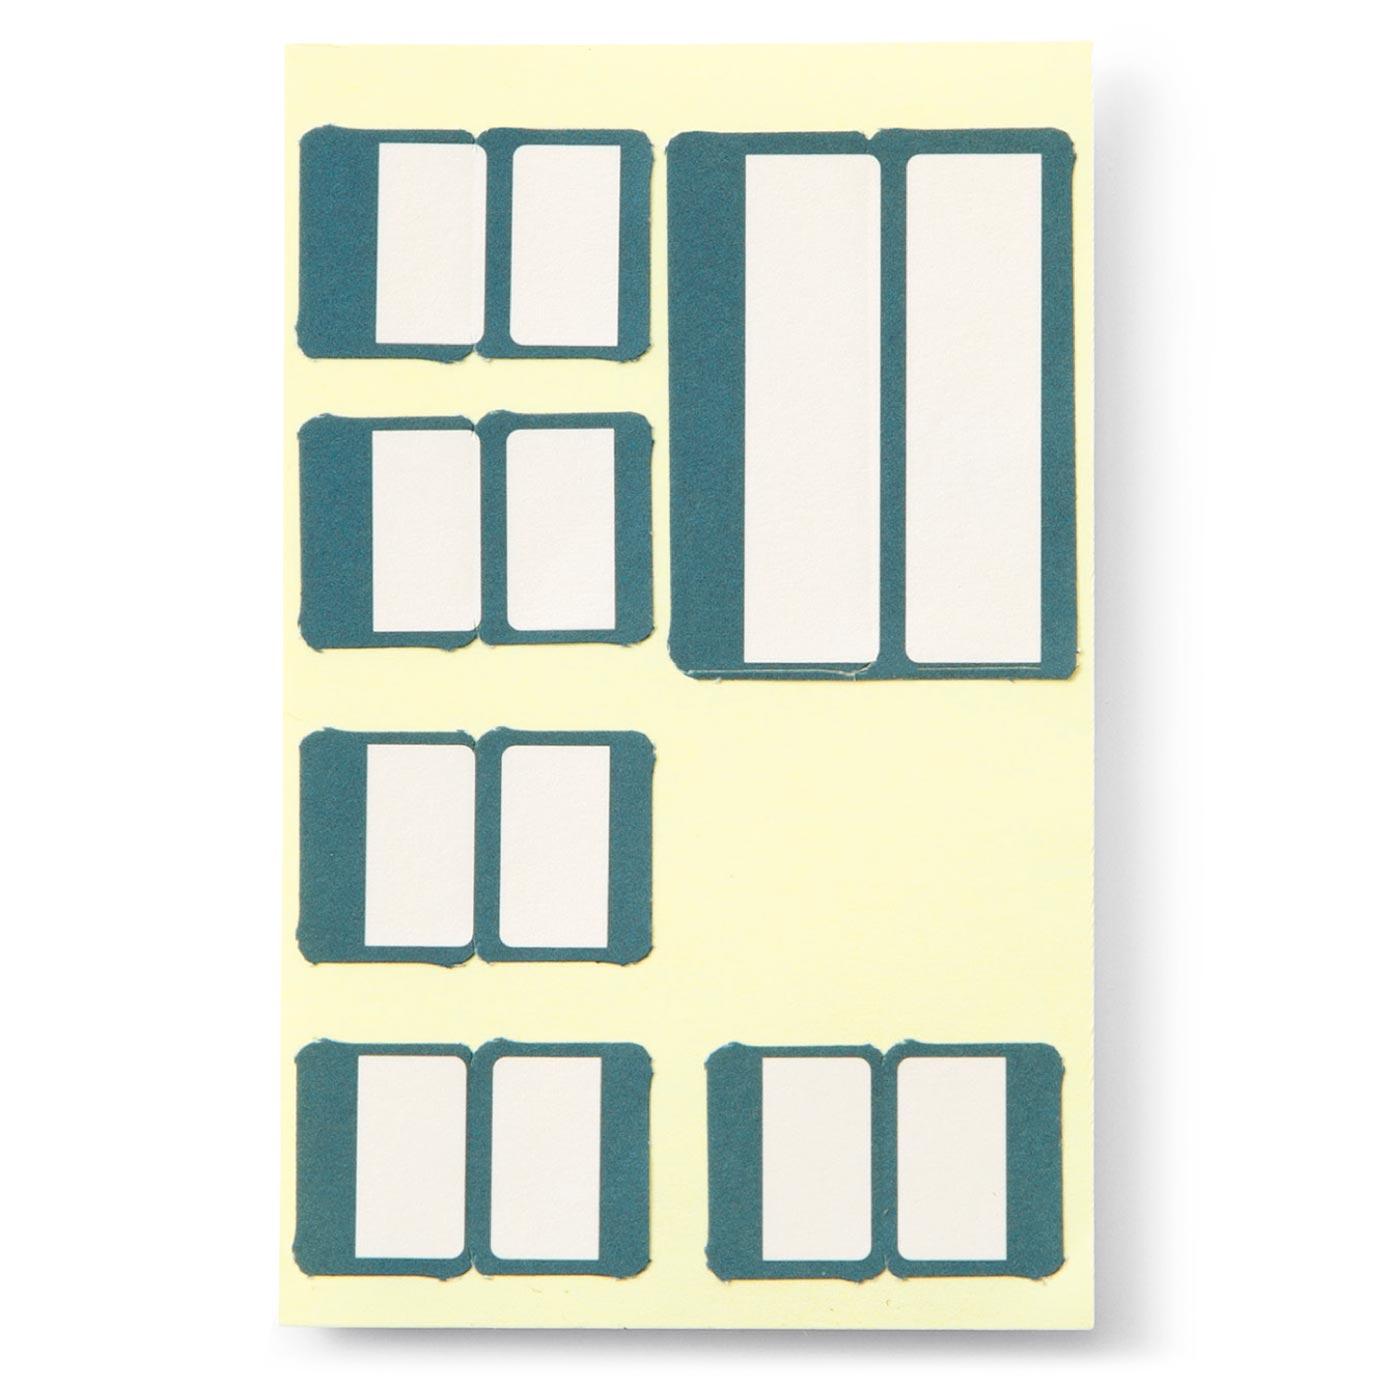 インデックスシール付きでさらにわかりやすく整理可能。